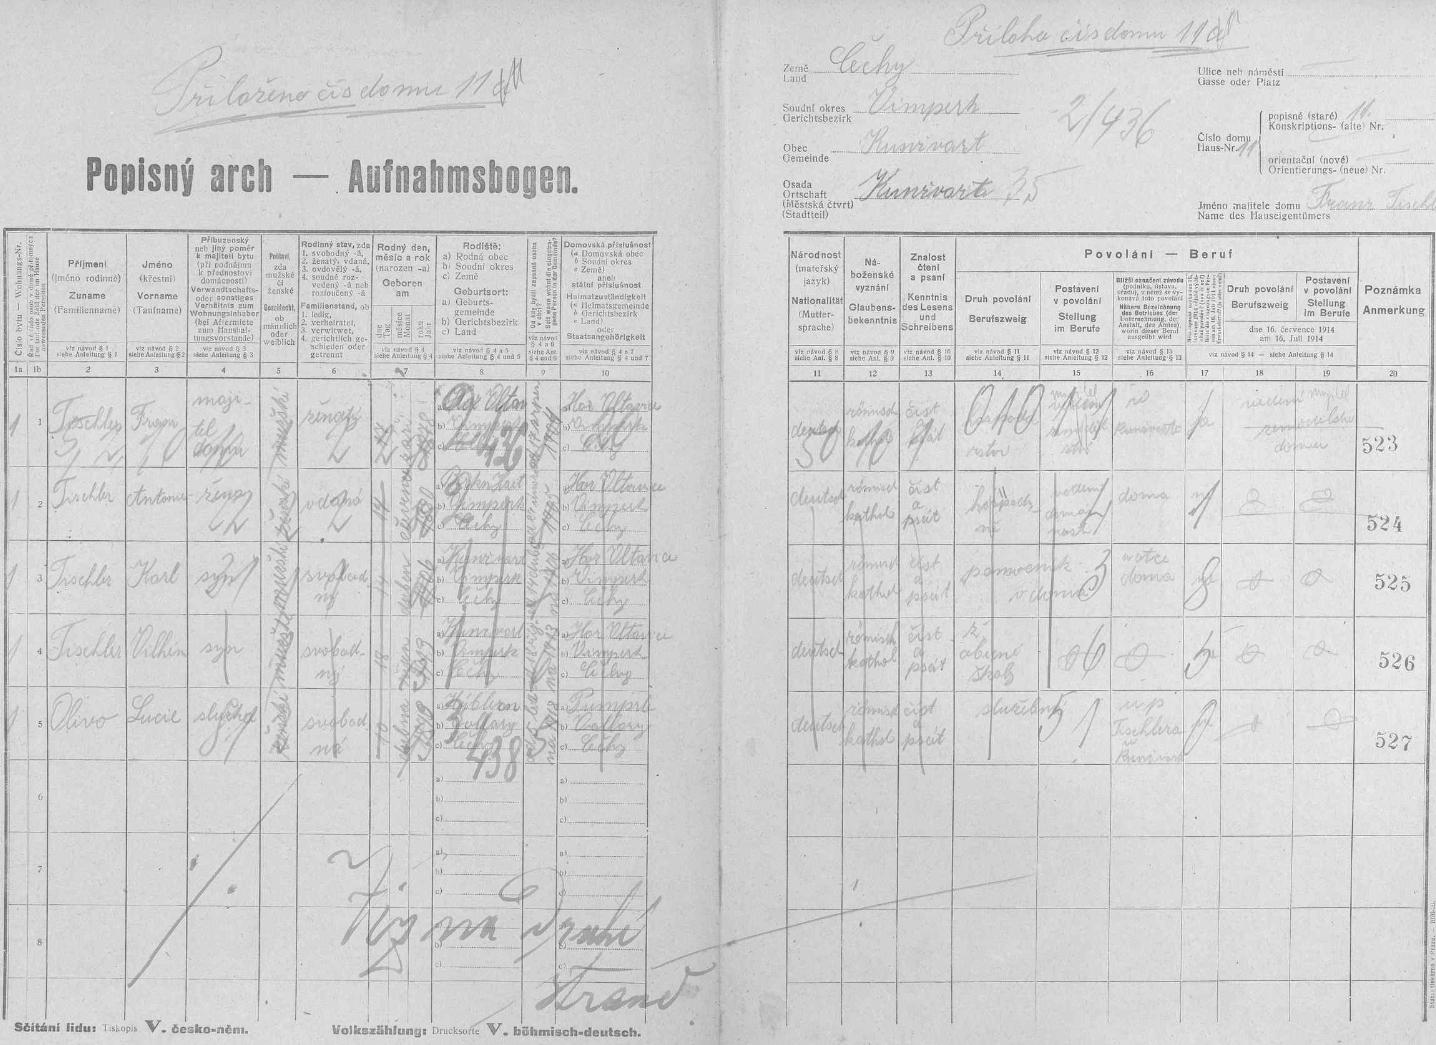 Popisný arch sčítání lidu z roku 1921 pro stavení čp. 11 v Kunžvartu